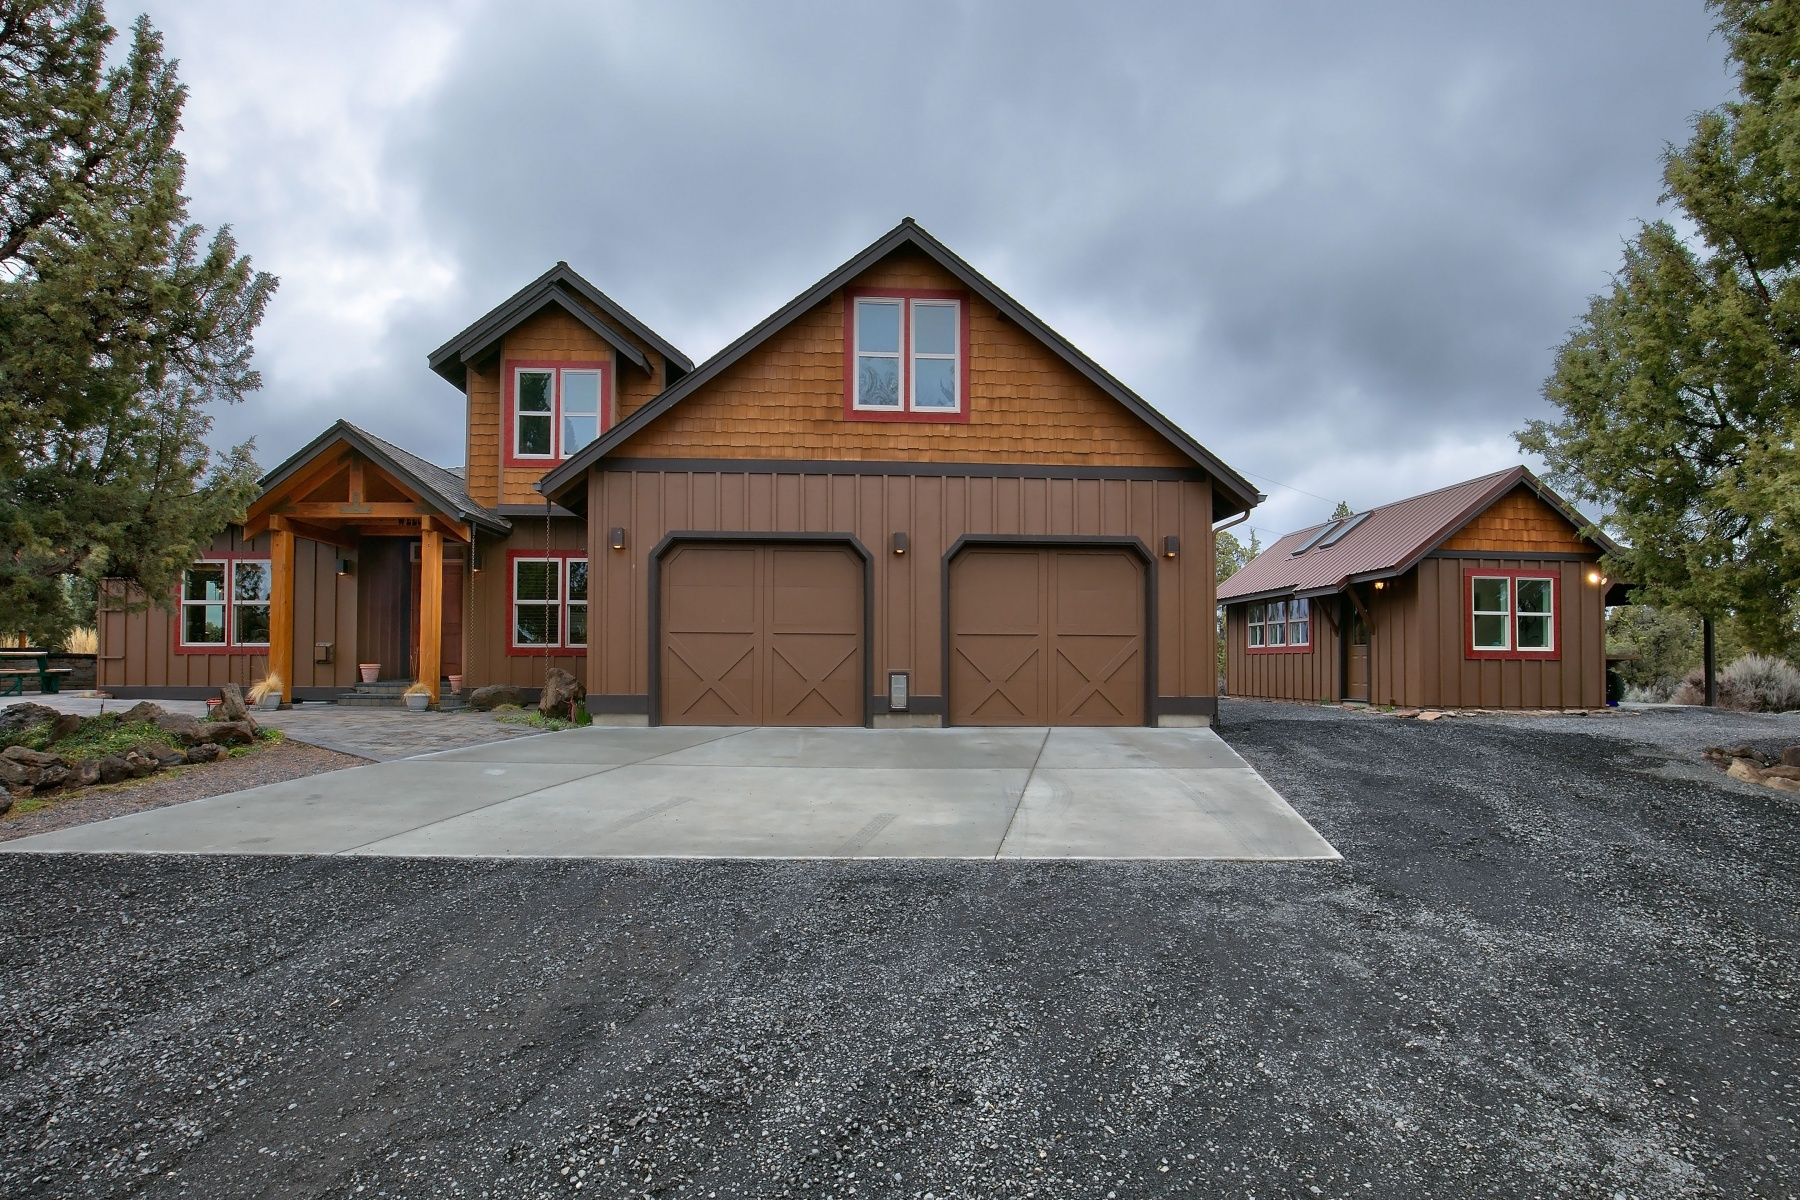 Maison unifamiliale pour l Vente à Odin Falls Home on Acreage 8163 NW Spruce Ave Redmond, Oregon, 97756 États-Unis